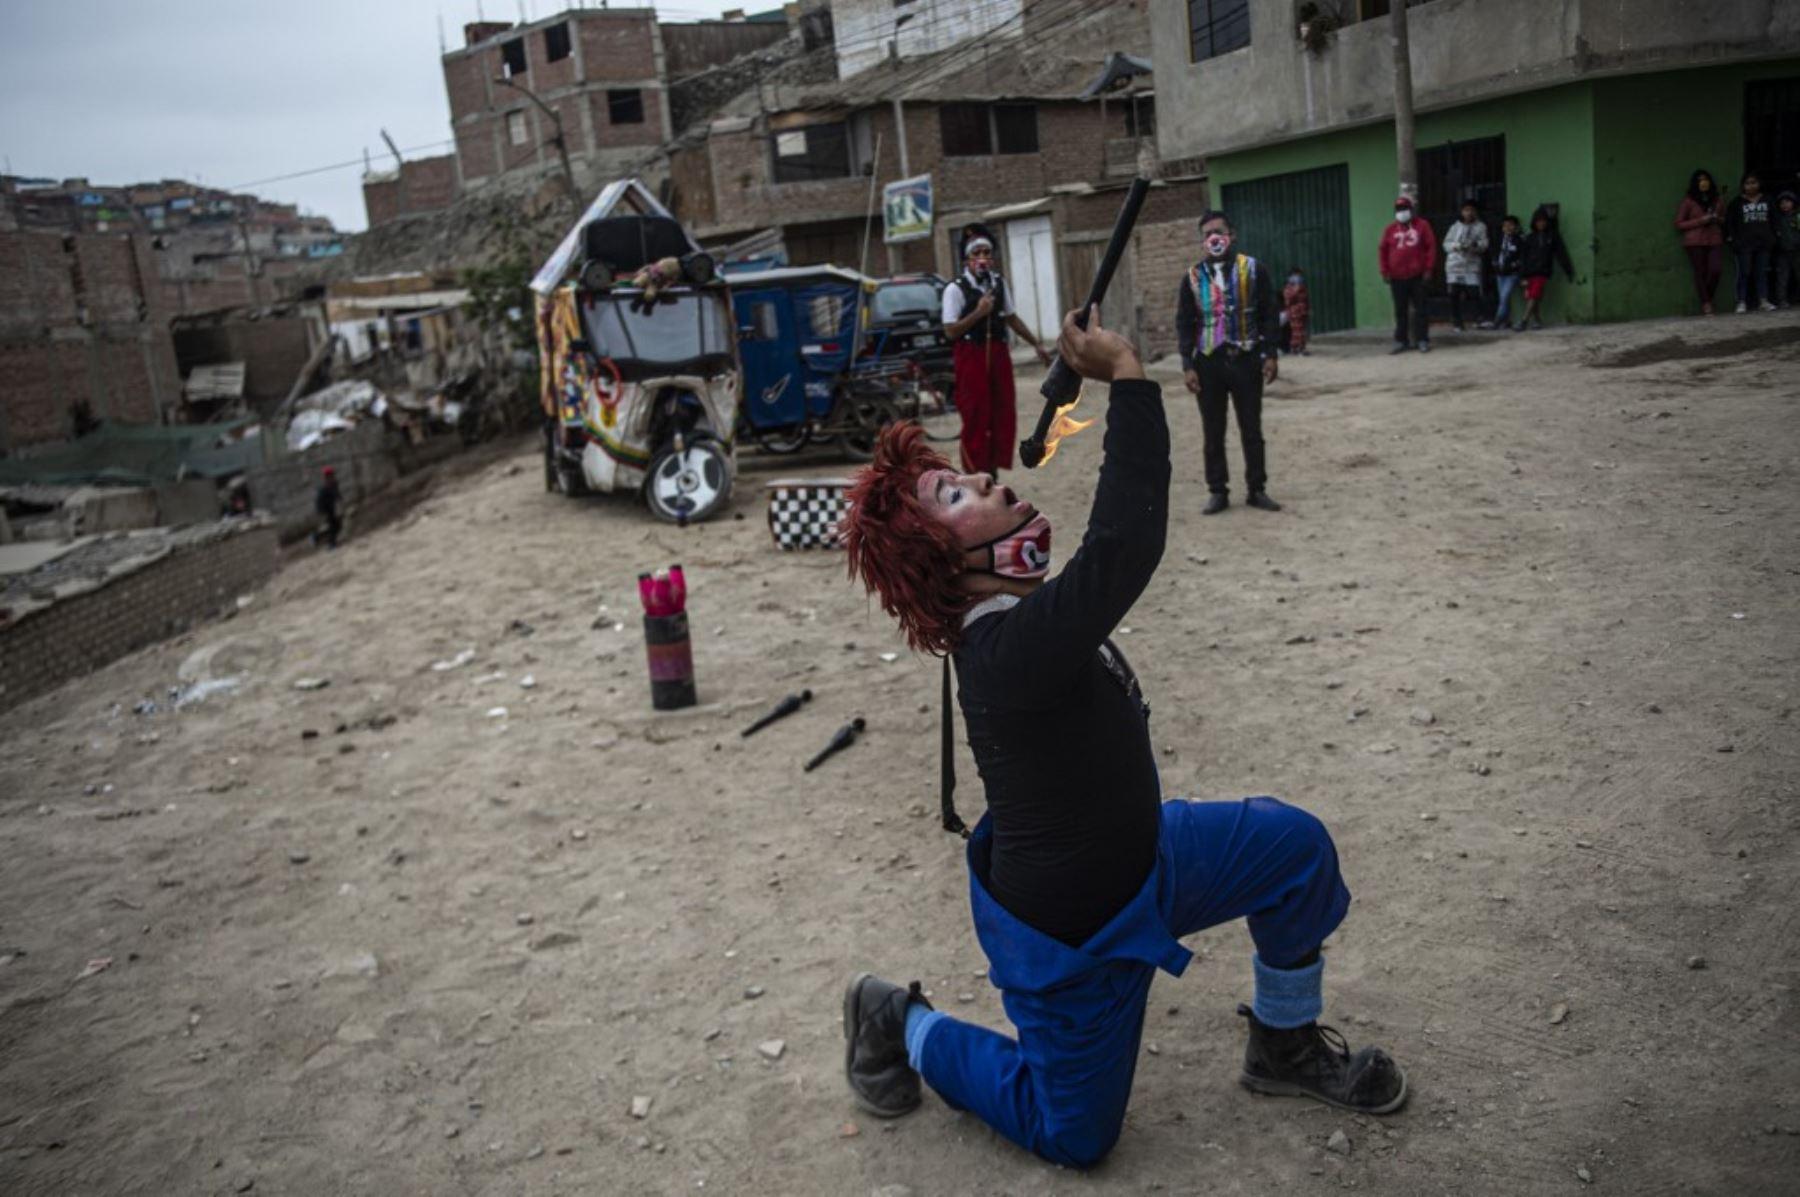 Un payaso actúa en el distrito de Puente Piedra, en las afueras del norte de Lima, durante la pandemia de covid-19. Debido a la pandemia de coronavirus, los circos en Perú permanecen cerrados, lo que lleva a este grupo de payasos que viajan en su circo mototaxi a actuar en las calles de Lima.   Foto: AFP